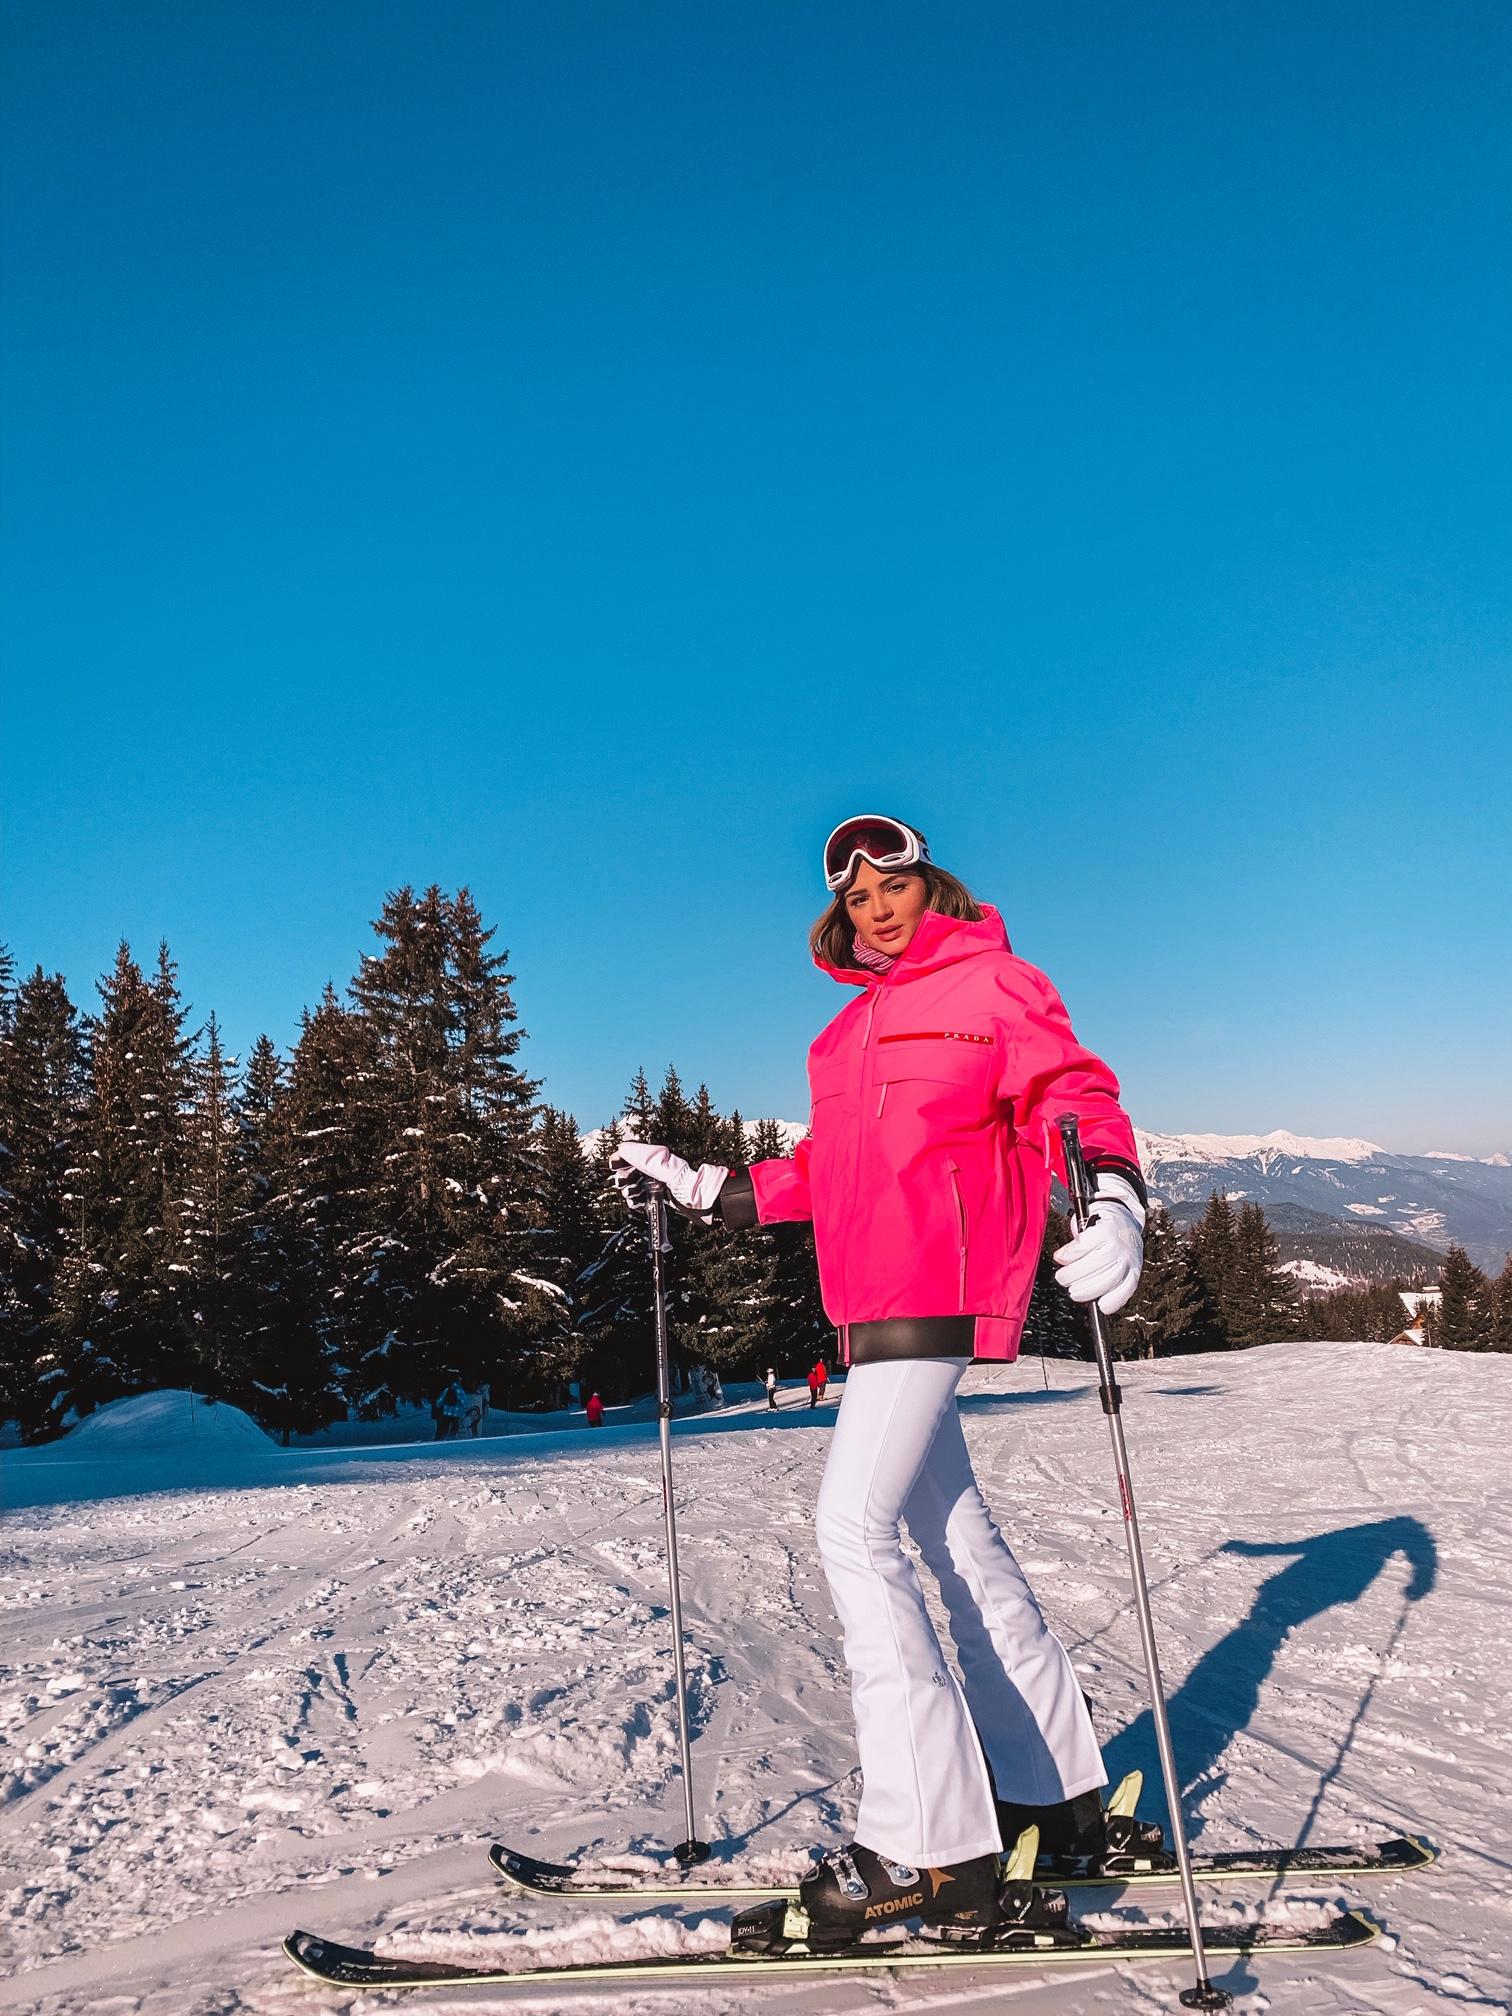 Thássia-ski-courchevel-rosa-neon-1